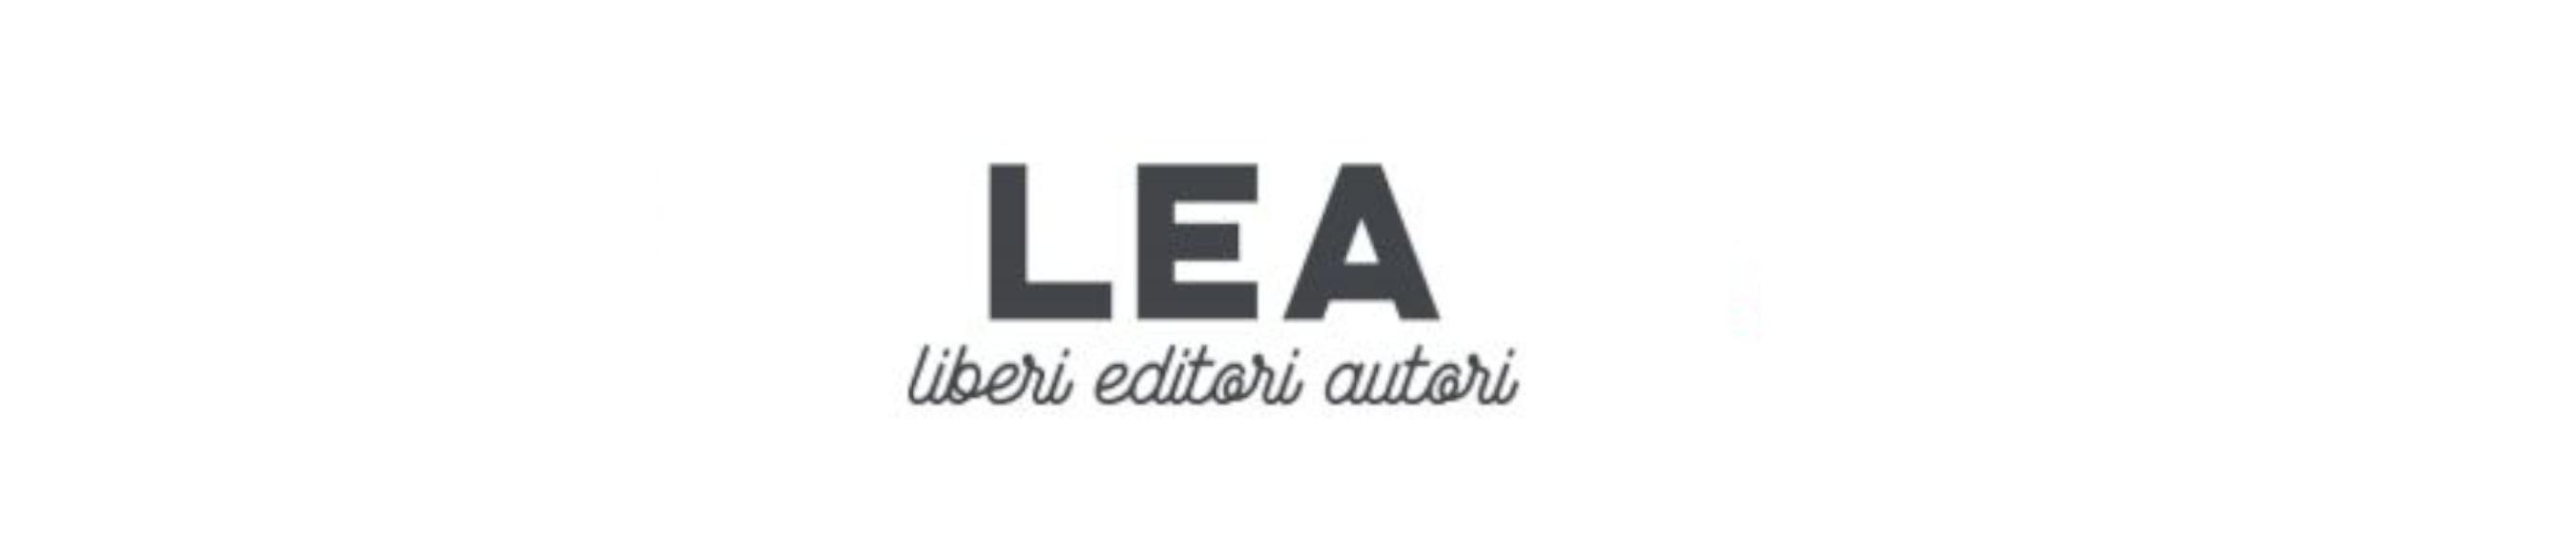 Rinnovo Accordo LEA – UNPLI al 31 Dicembre 2021